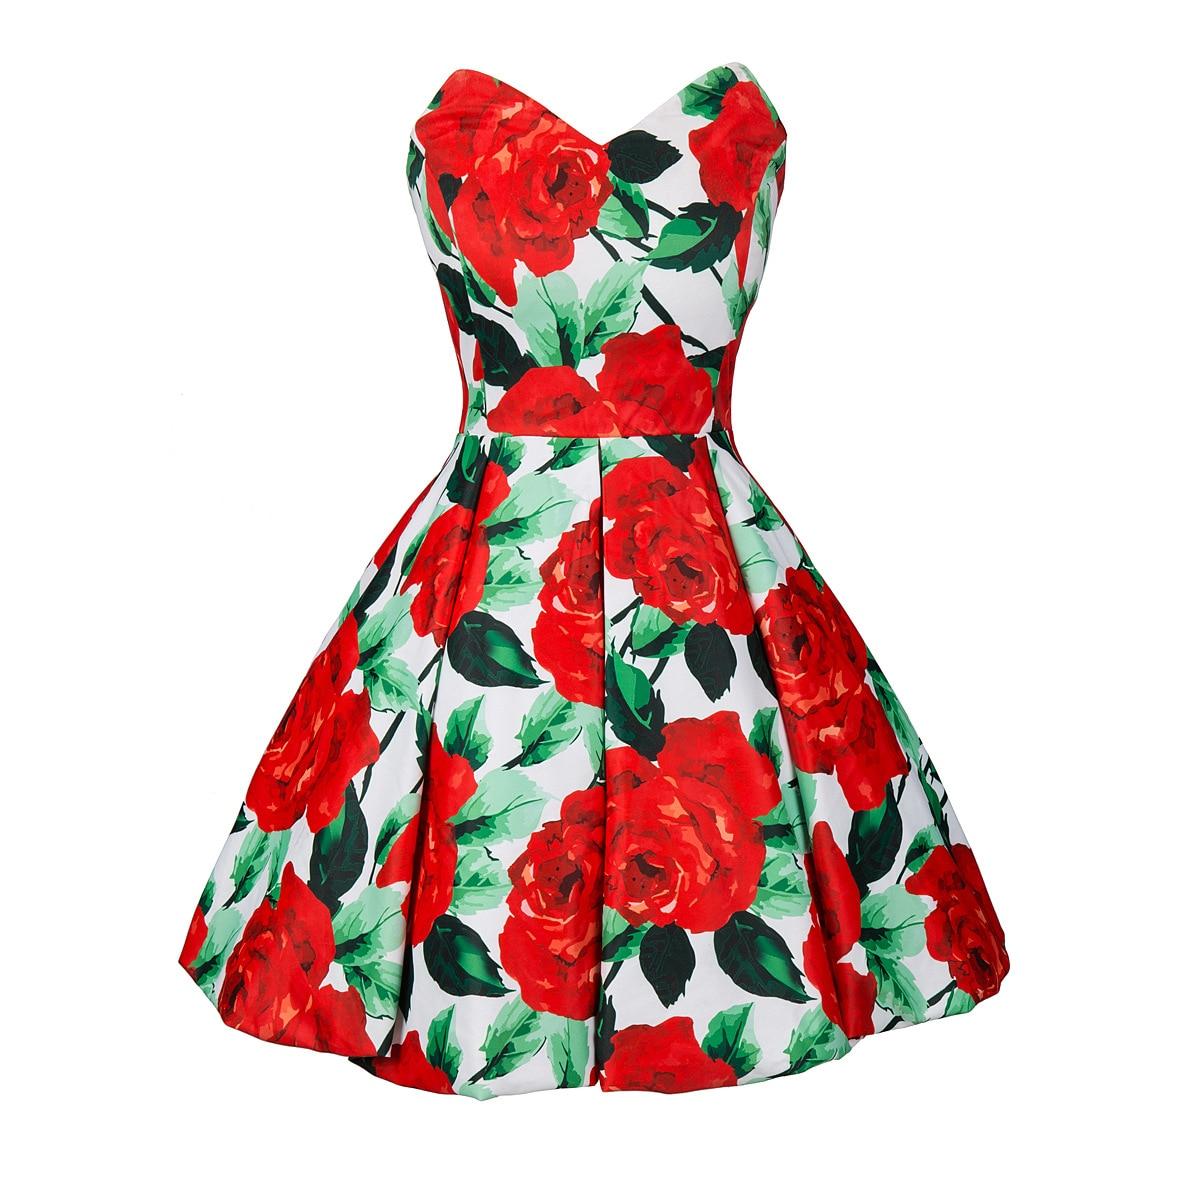 2018 Для женщин Ретро мода платье Милая с плеча розы Для женщин бальным вечерние платье Femme Vestidos плюс Размеры S-4XL